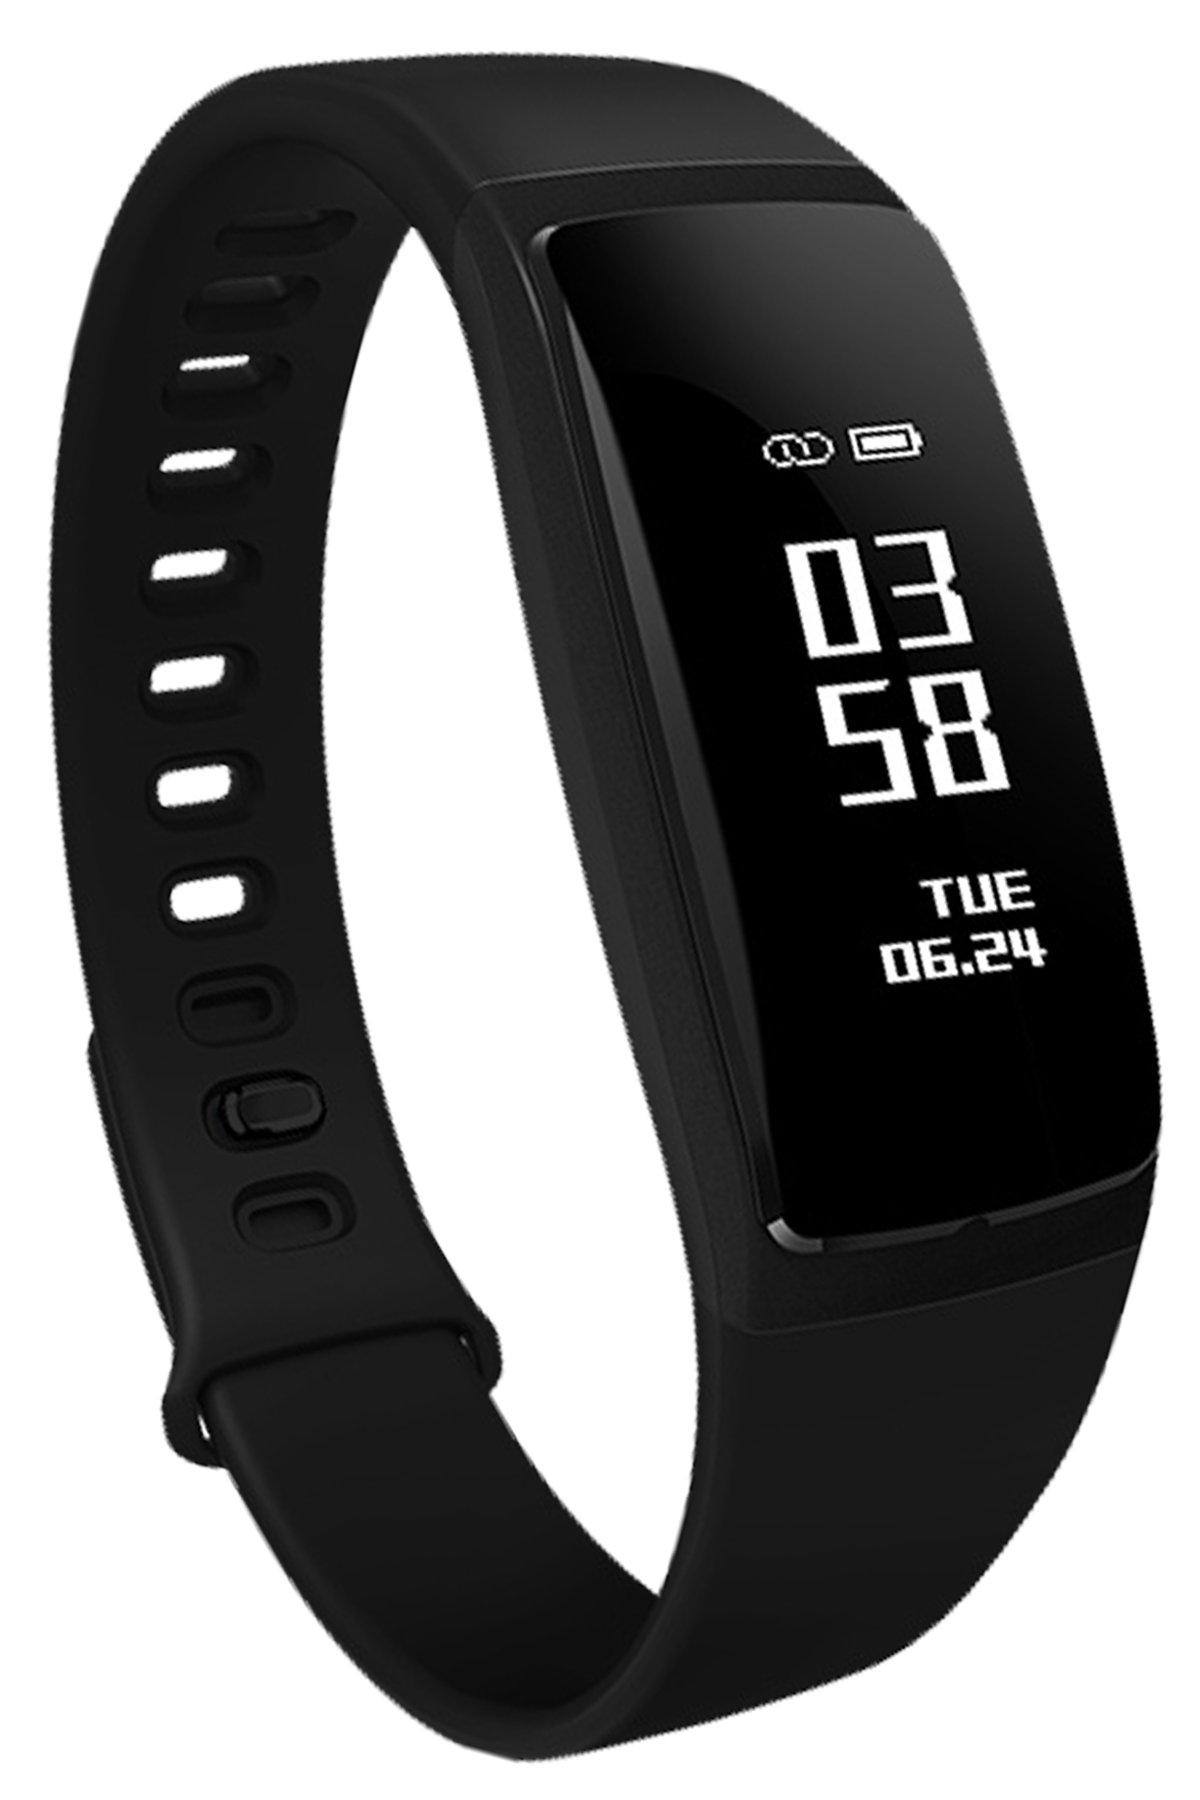 Loluka-Unisex-Fitness-Tracker-Digital-Quarz-Silikon-Sportuhr-Stoppuhr-Wasserdicht-Kontinuierliche-Herzfrequenz-Smartwatch-Android-IOS-Schwarz